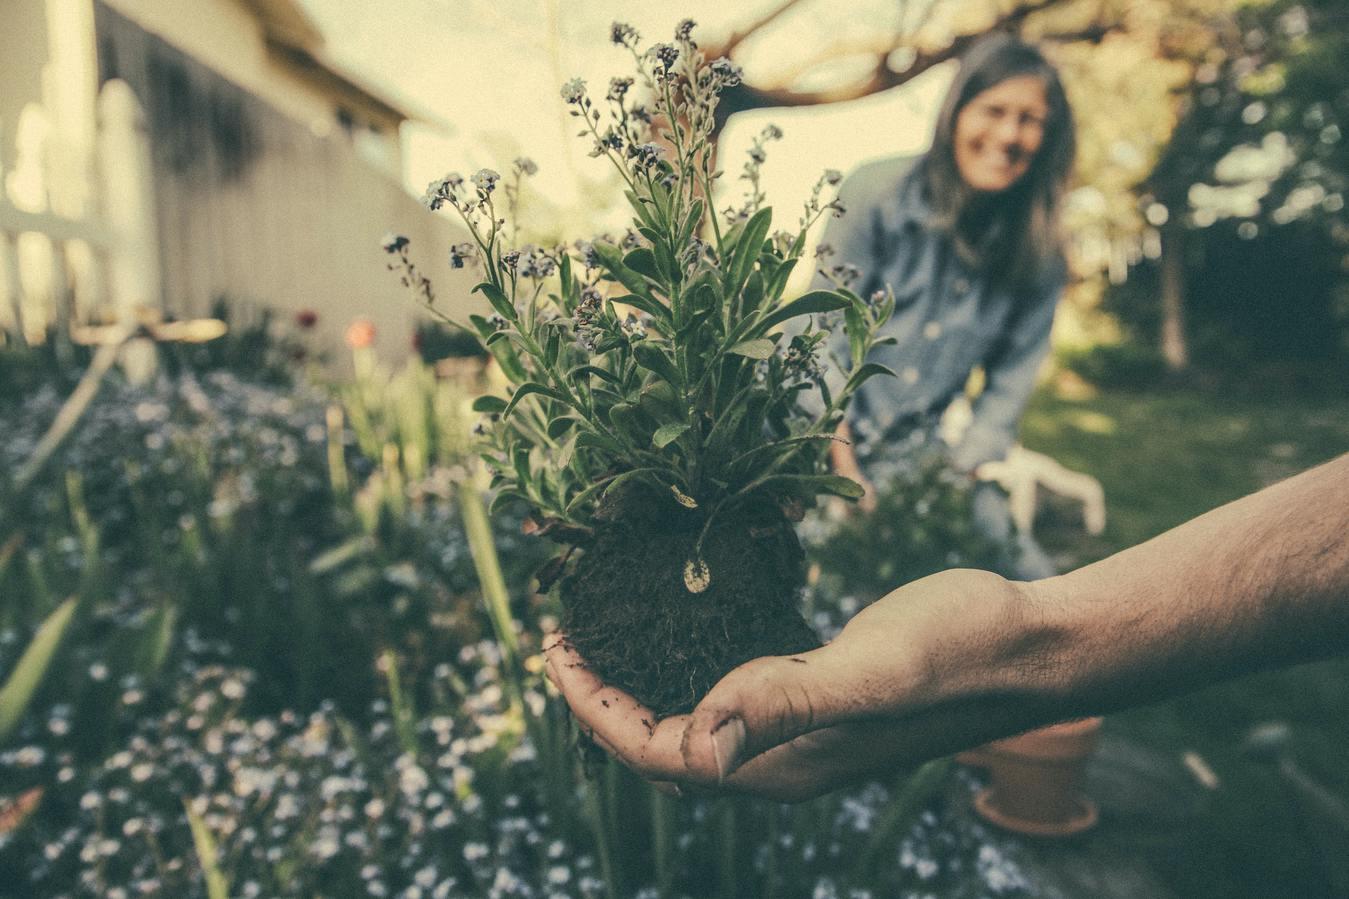 Una mano che offre un fiore in un giardino